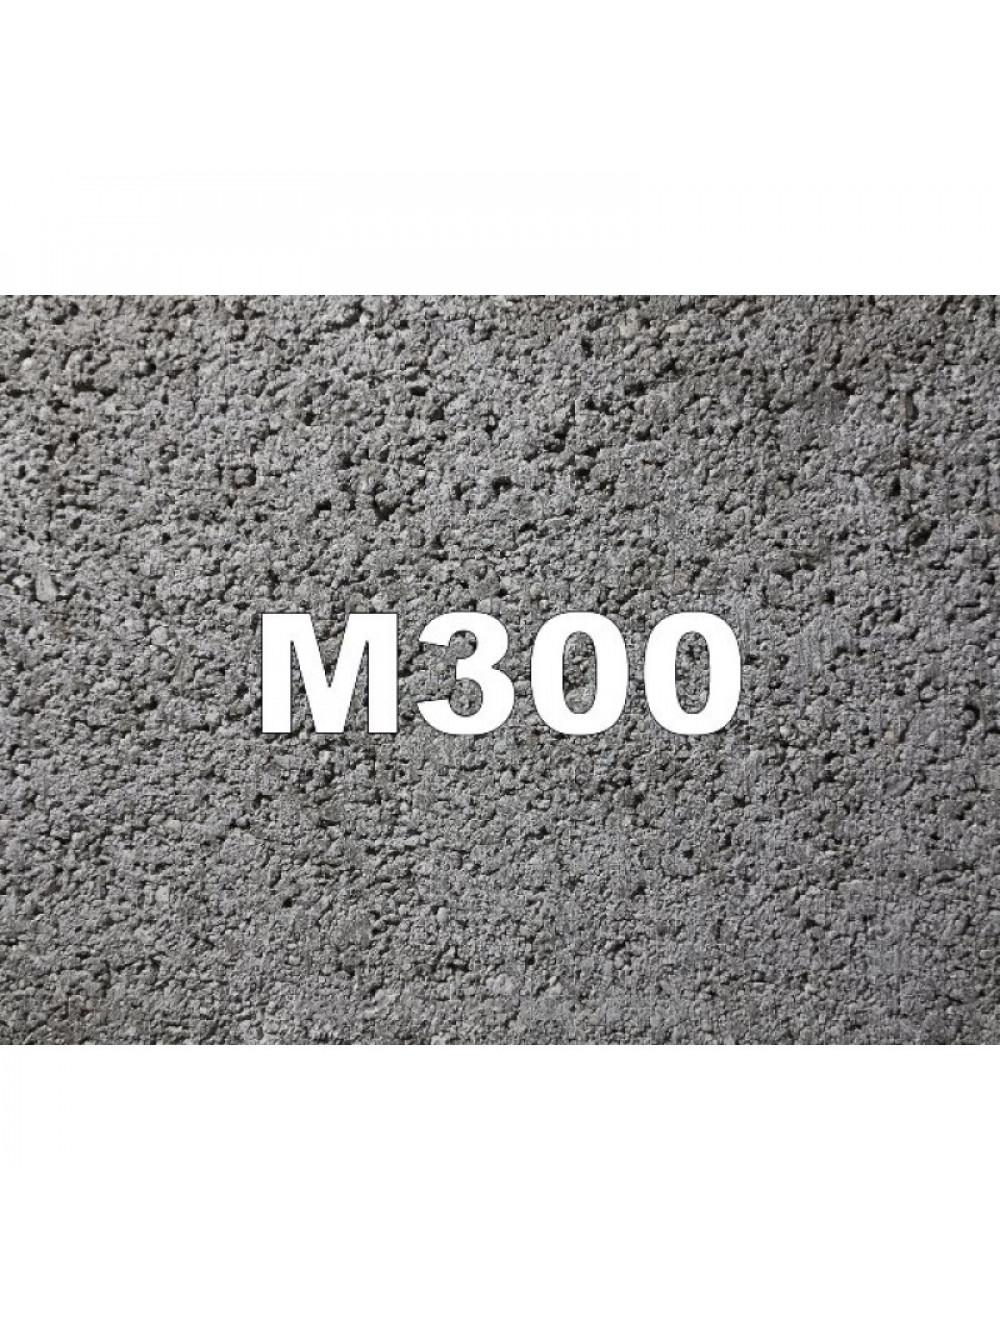 Бетон купить в майкопе с доставкой пропорции бетона б15